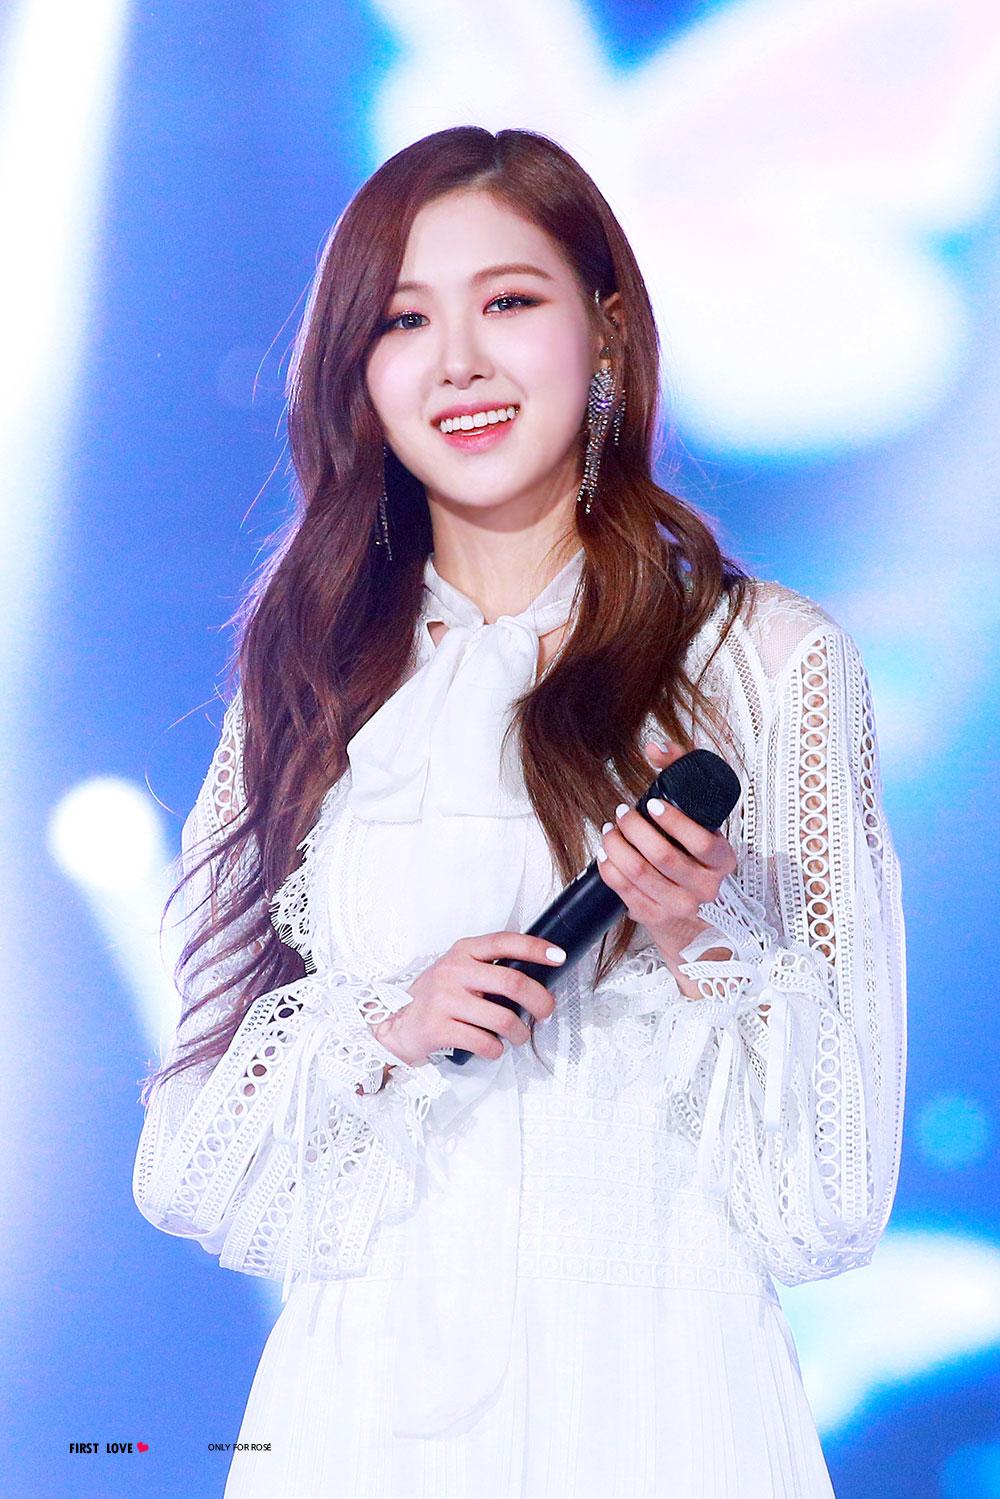 Blackpink Rose Special Stage Sbs Gayo Daejun 2017 15